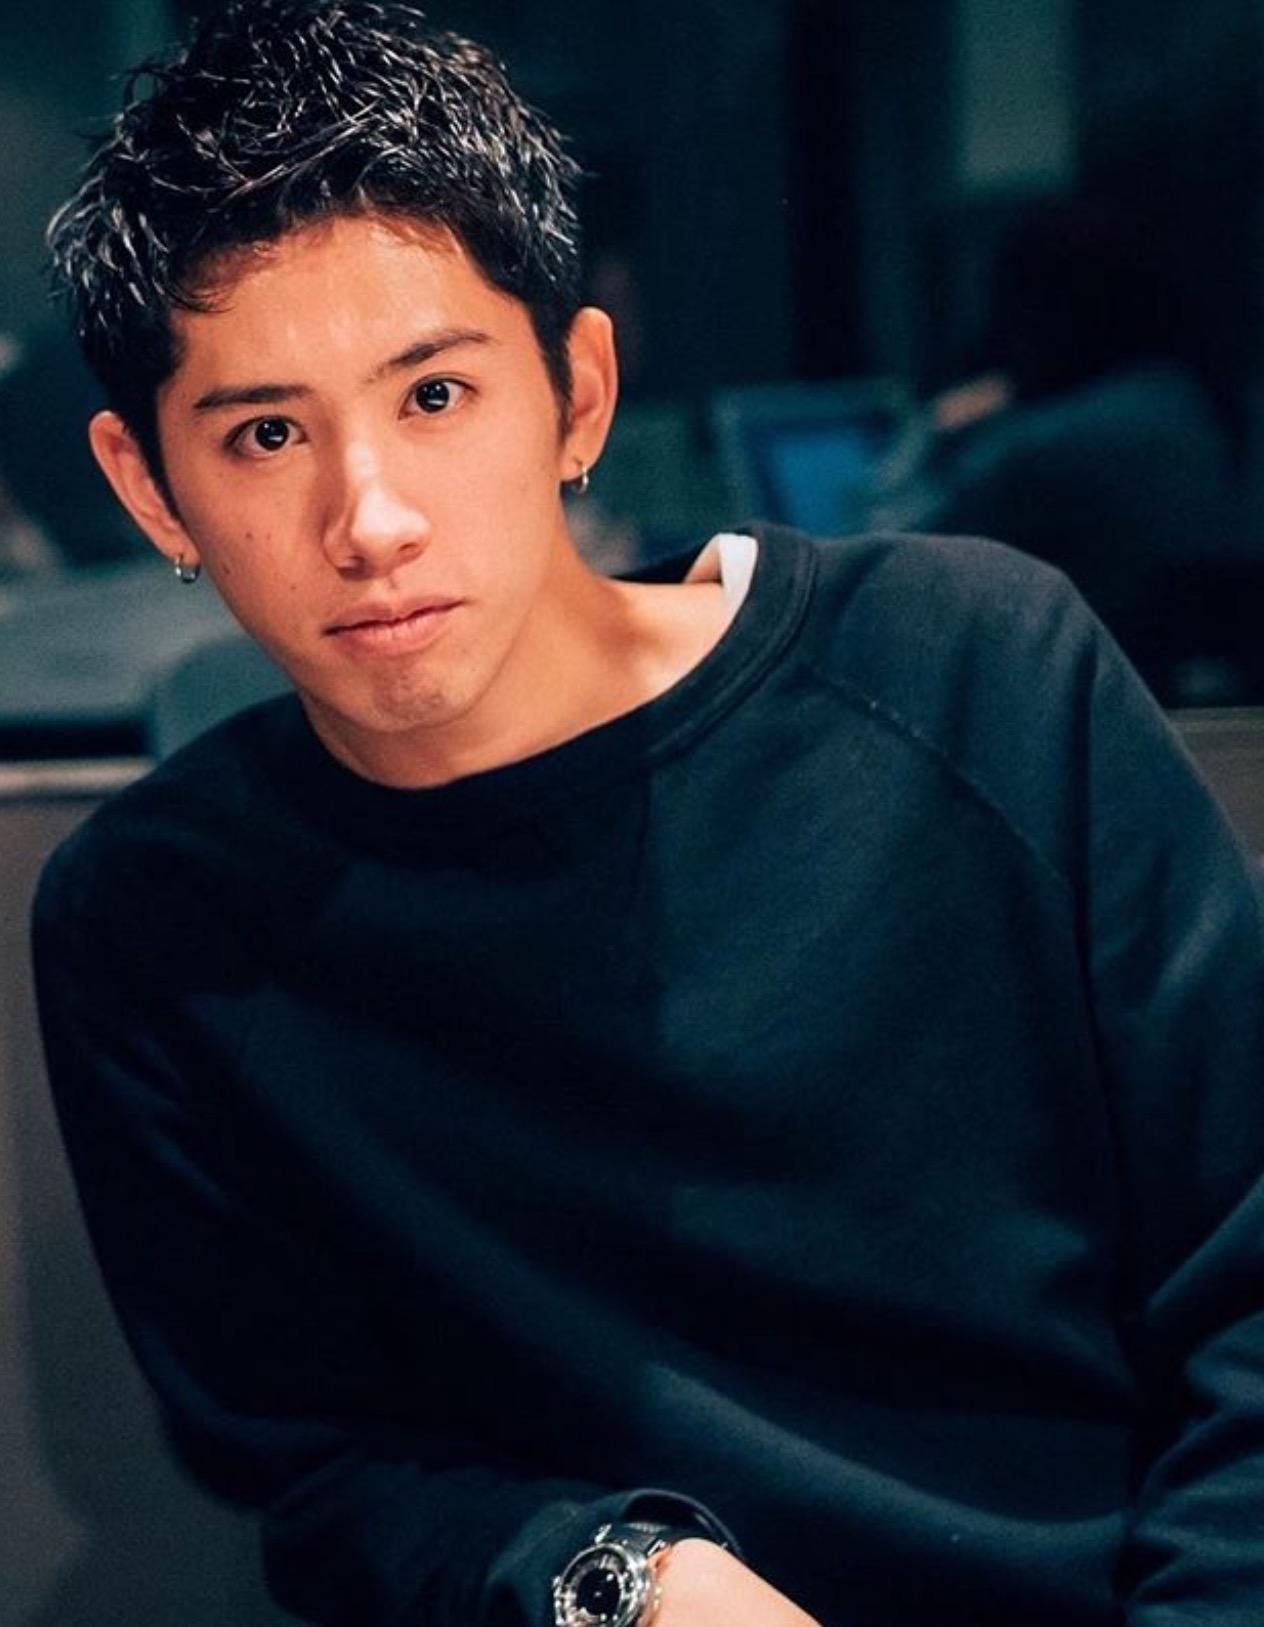 Moriuchi Takahiro